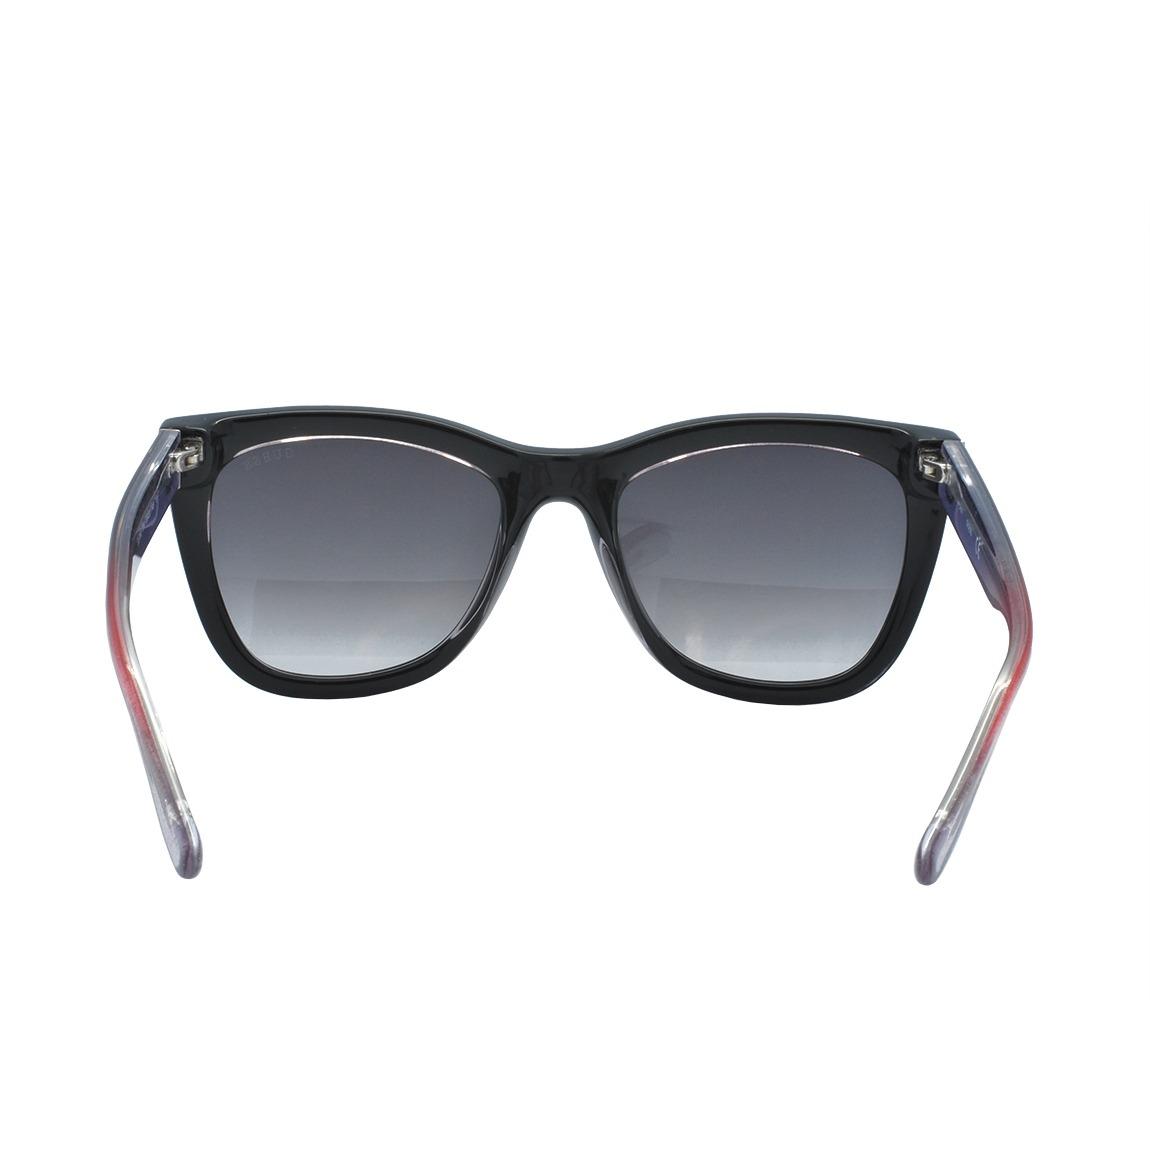 7c5ae81063ee0 óculos de sol guess original feminino gu7552 05b. Carregando zoom.